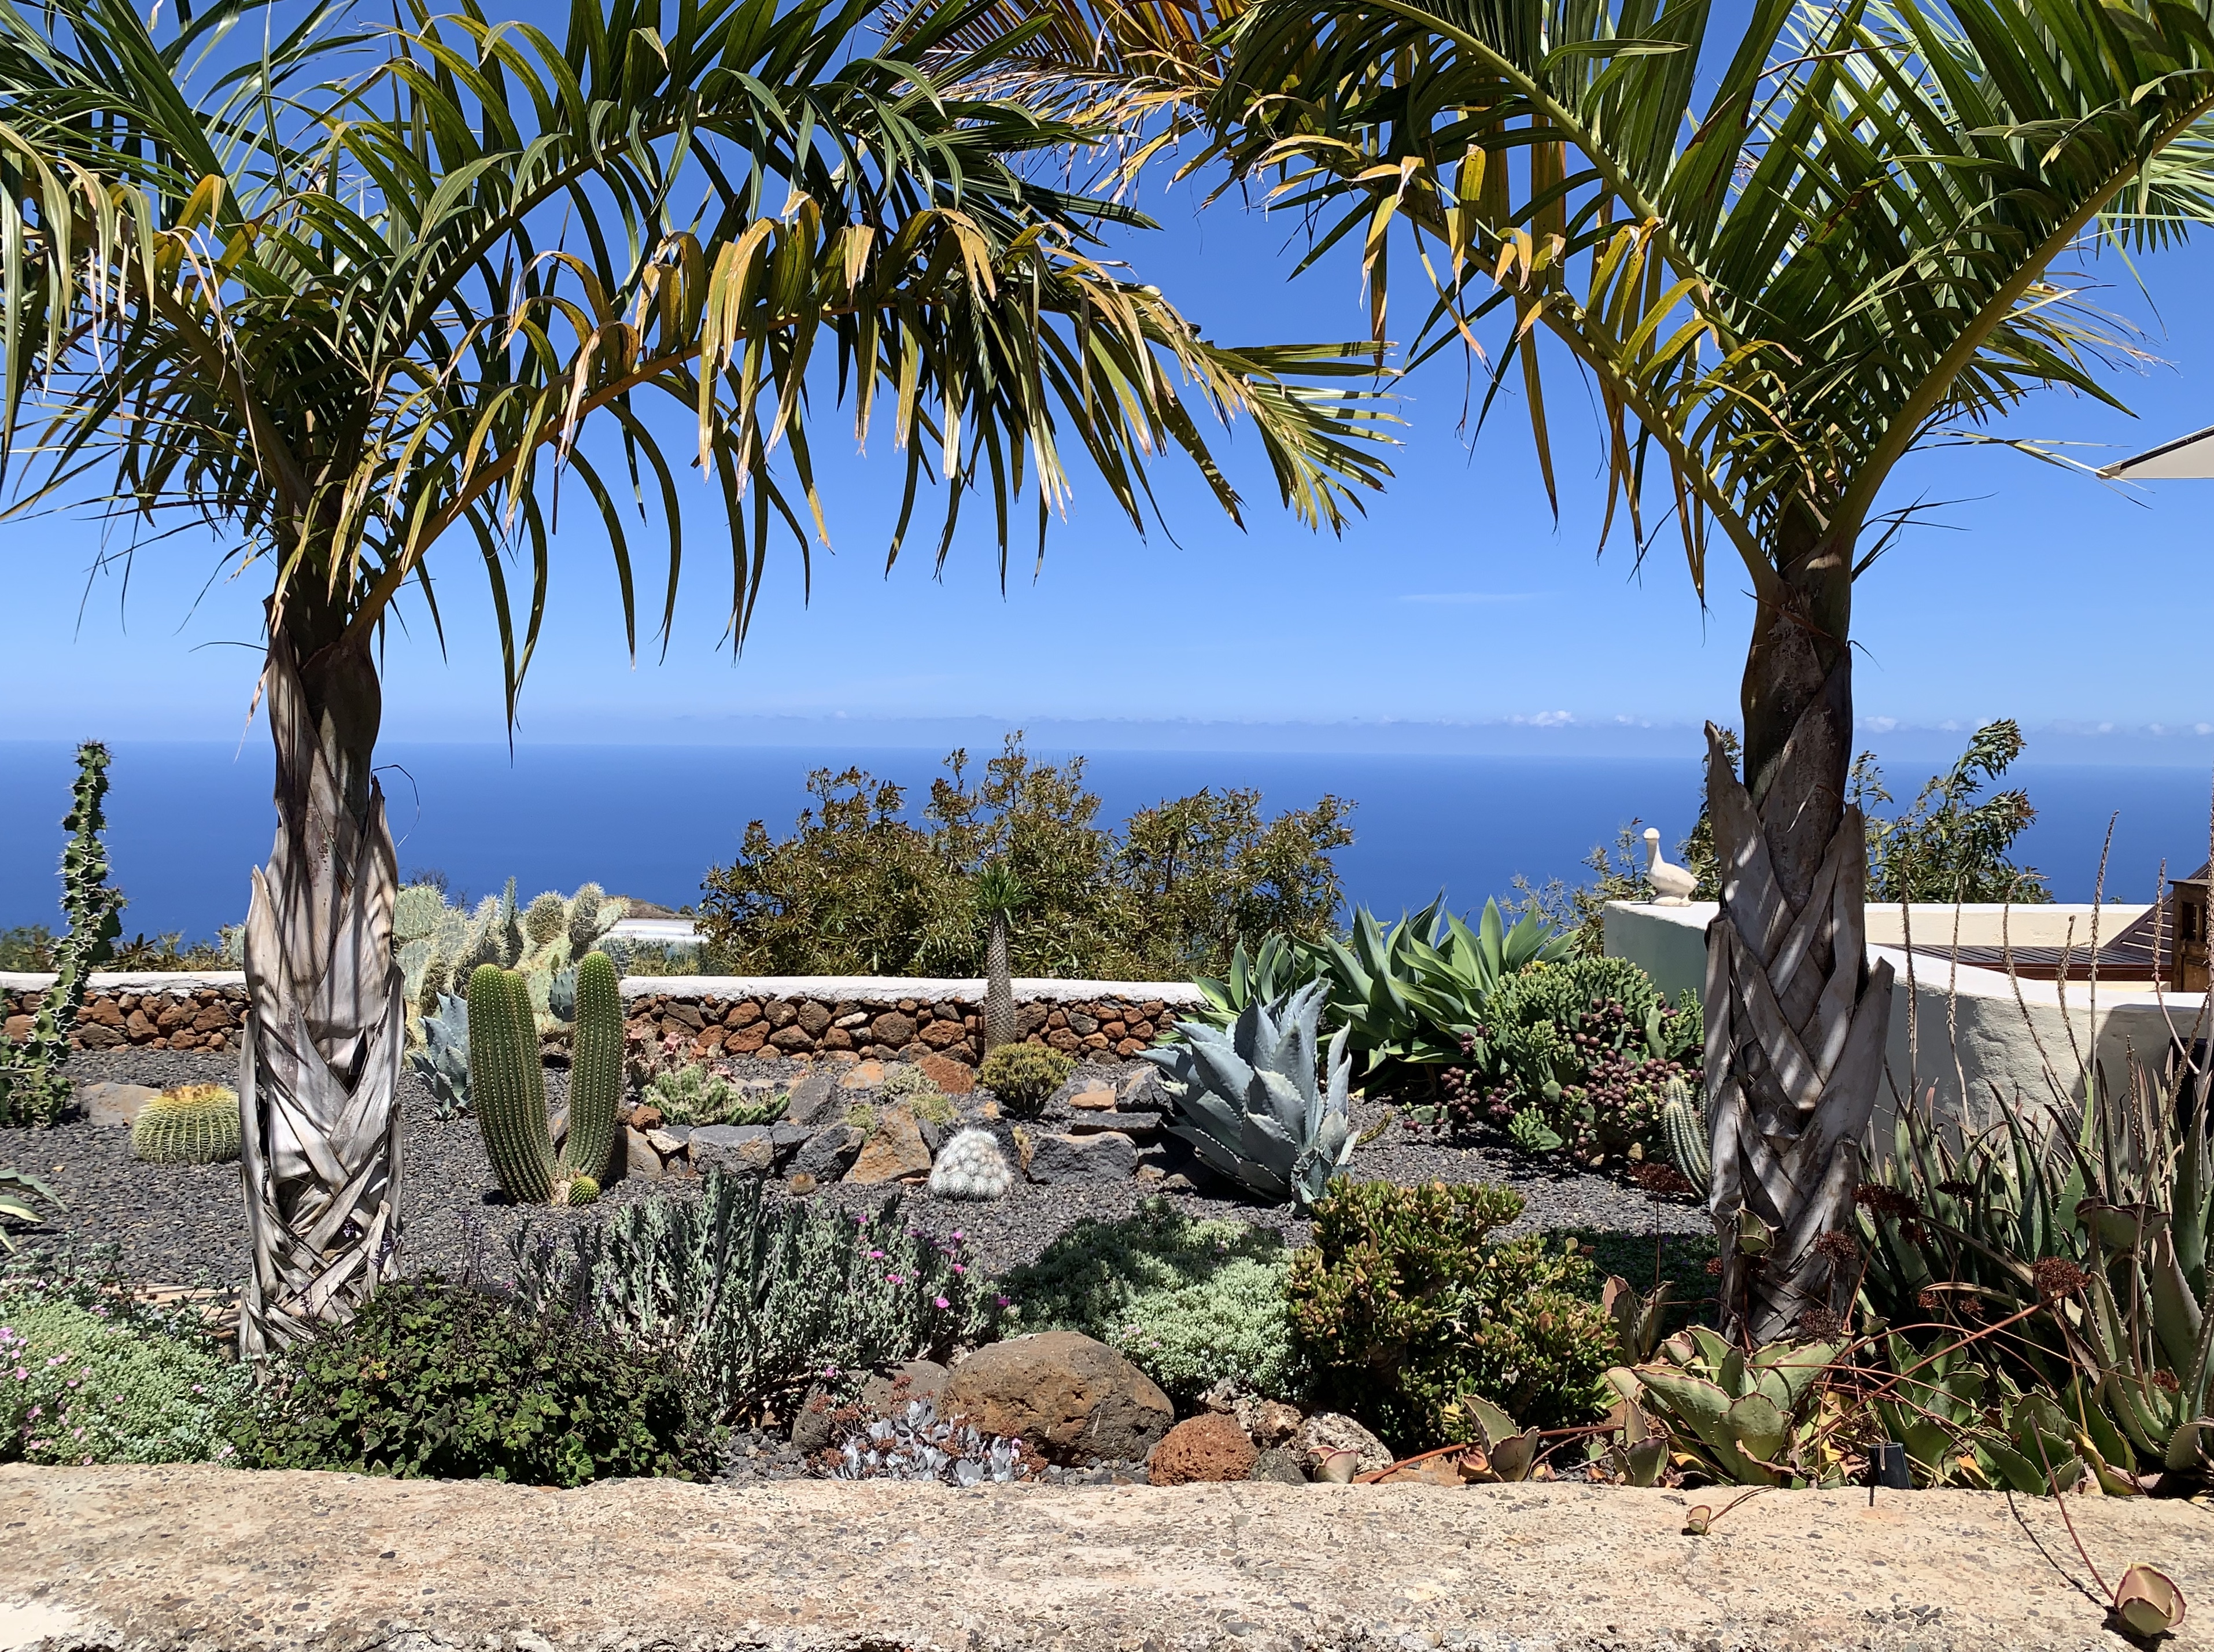 El jardín de cactus en el medio.